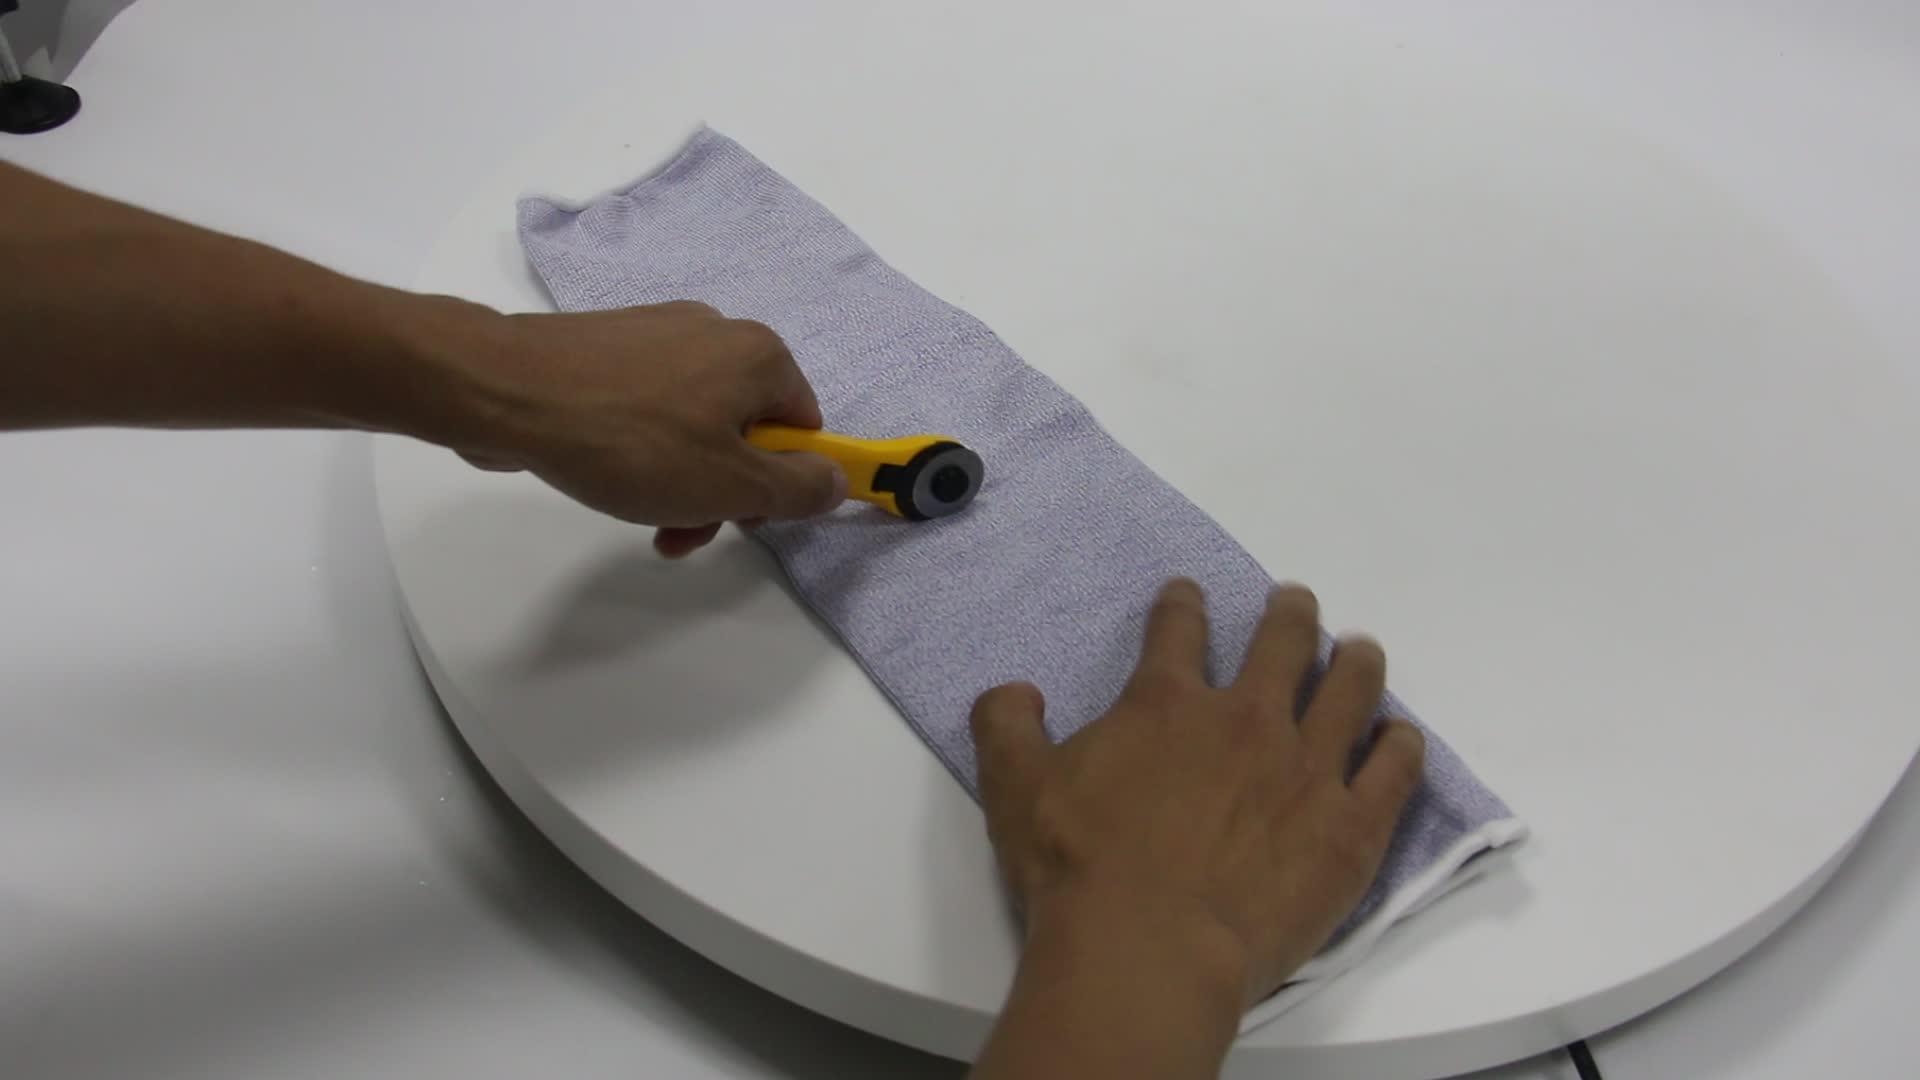 HPPE Haute Technologie Slash Anti-abrasion De Protection Résistant Aux Coupures Bras Manches trou de pouce